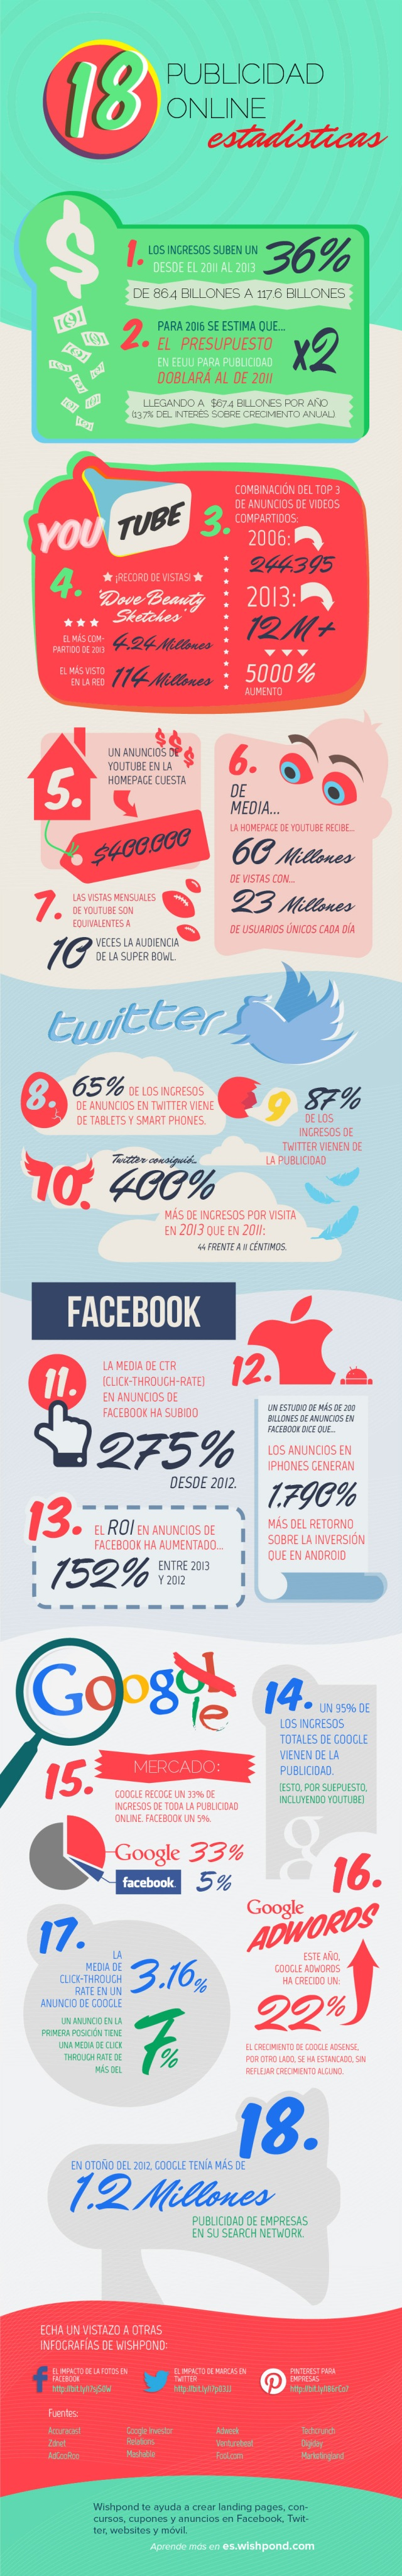 18 estadísticas sobre publicidad online